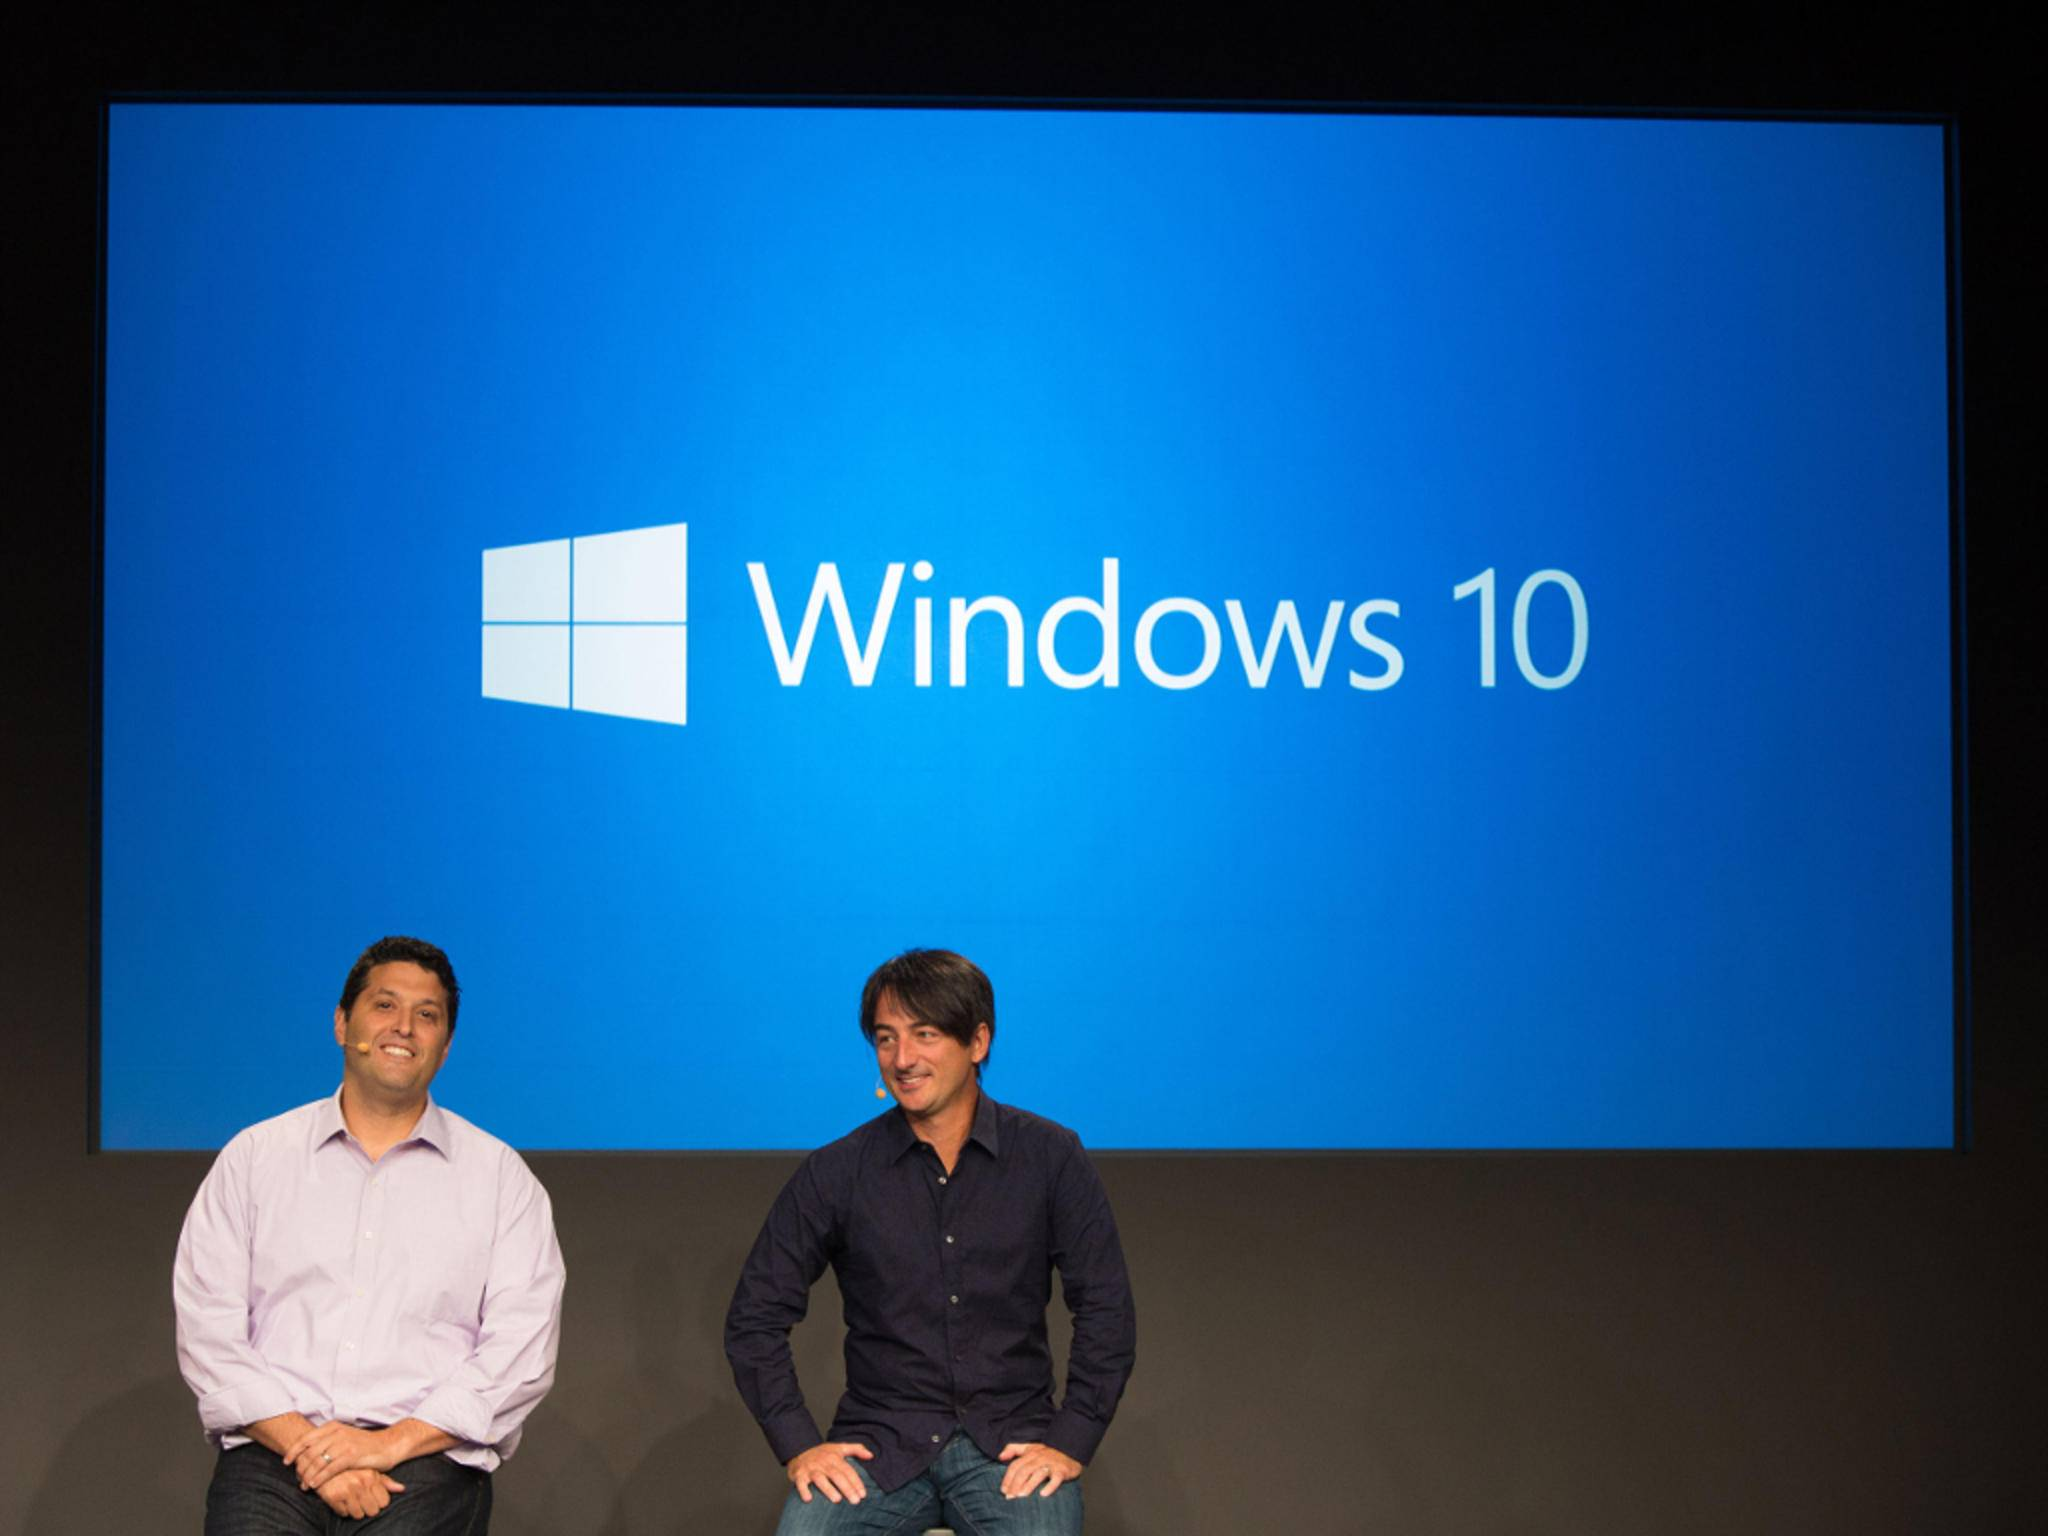 Grund zur Freude bei Microsoft: Windows 10 kommt gut an.